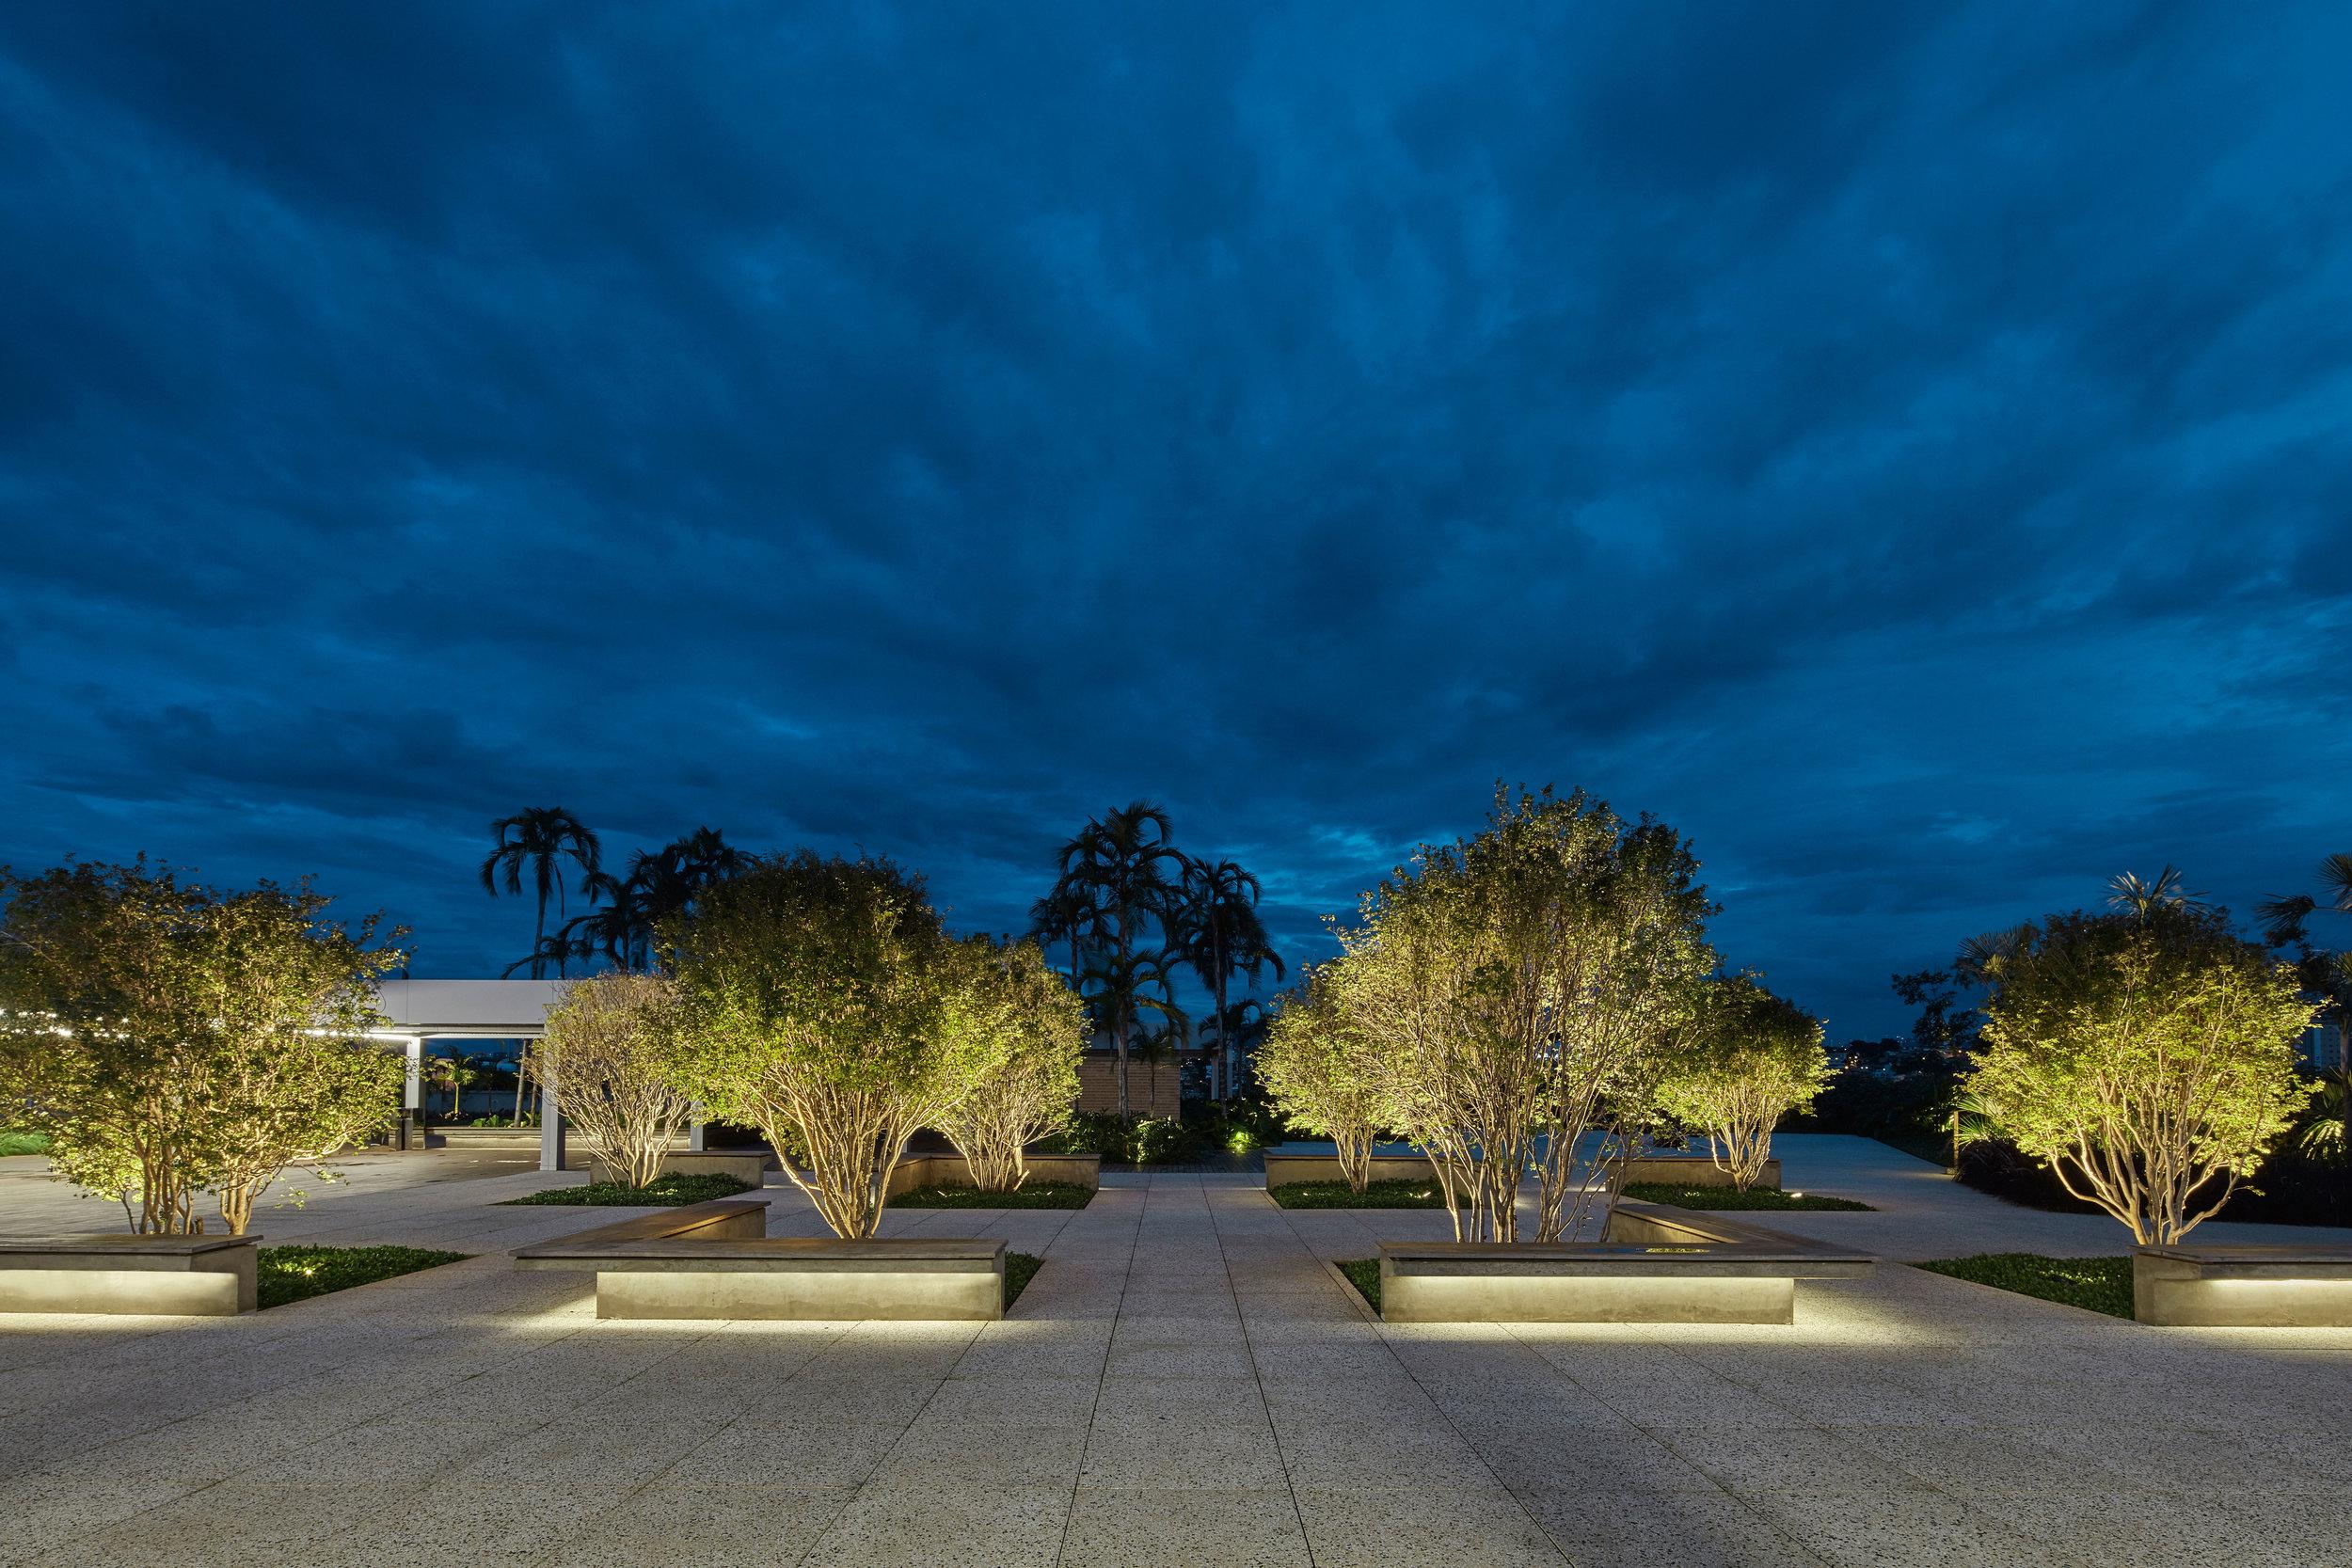 LIGHTSOURCE_Localiza-Herz-Headquarters-BH-2018_Morence-Arquitetura_Mingrone-Iluminacao_04.jpg